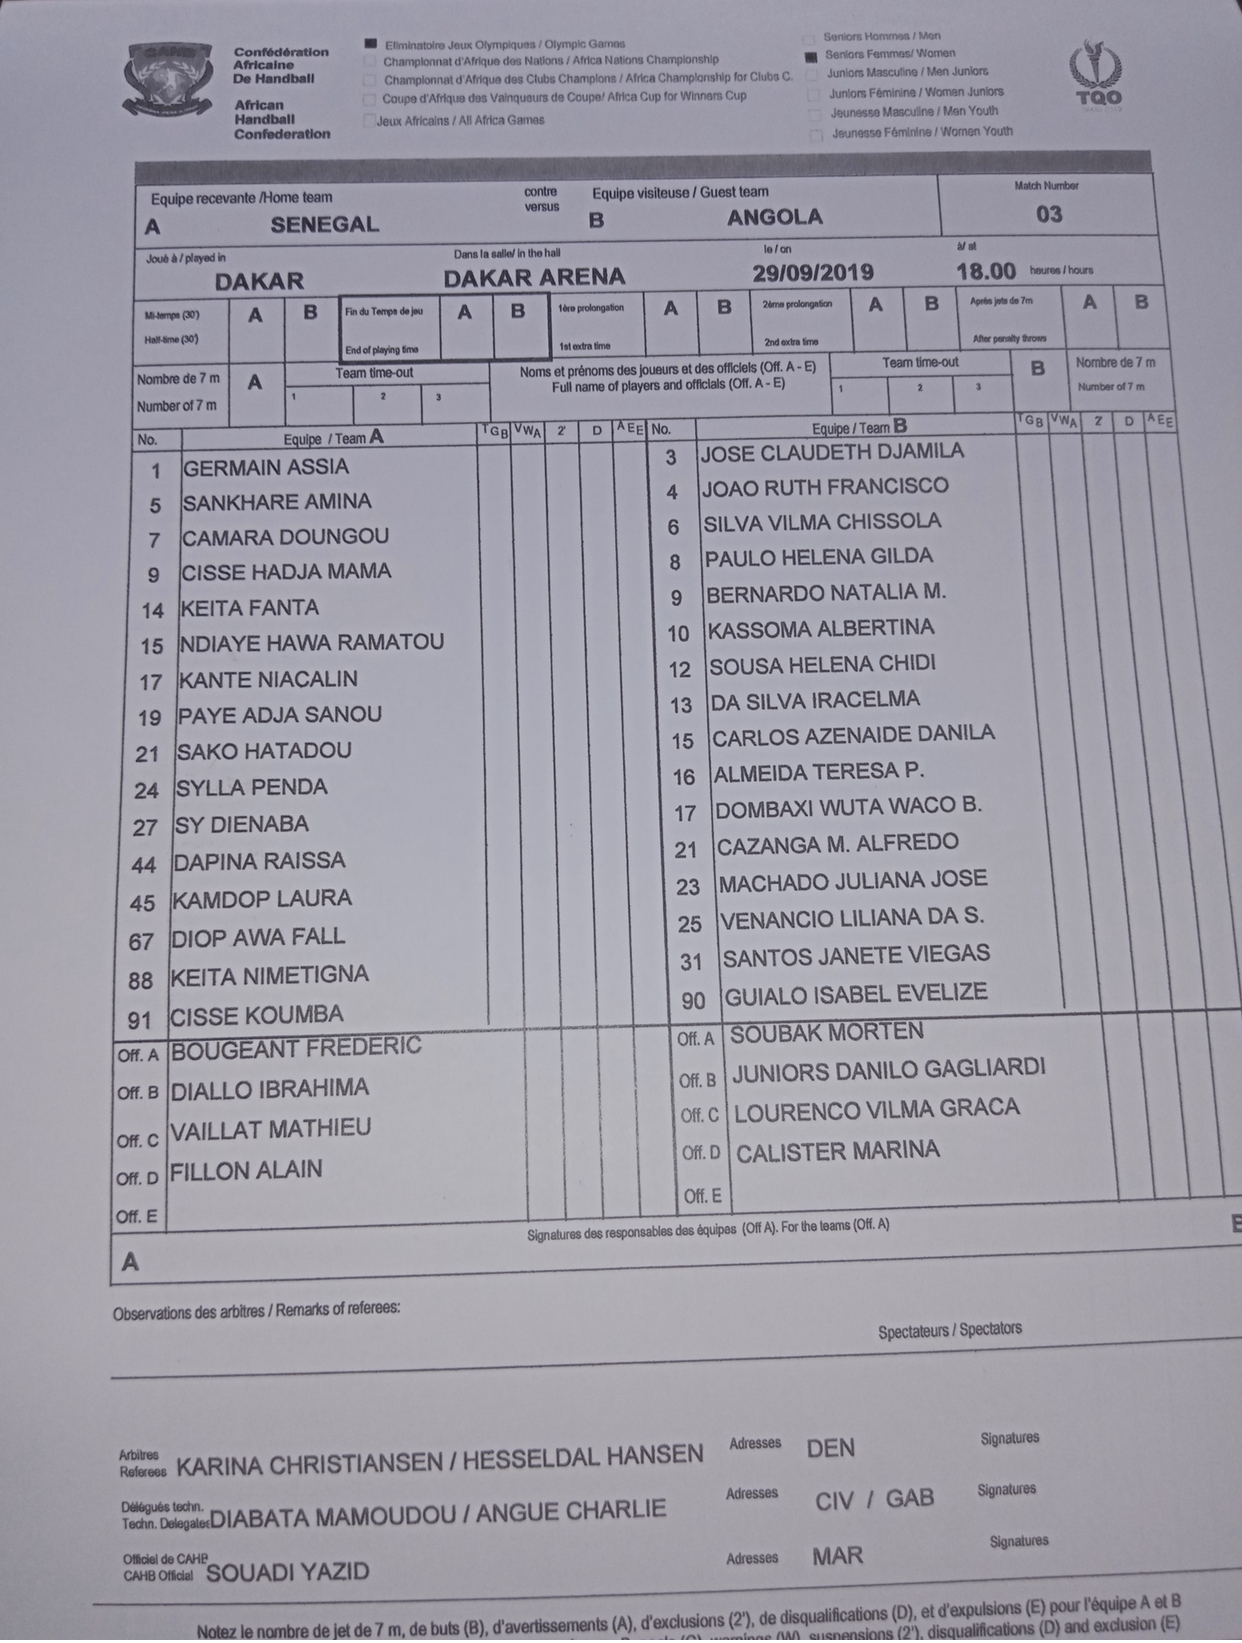 Handball - Finale TQO Dakar2019 : La feuille de match officielle